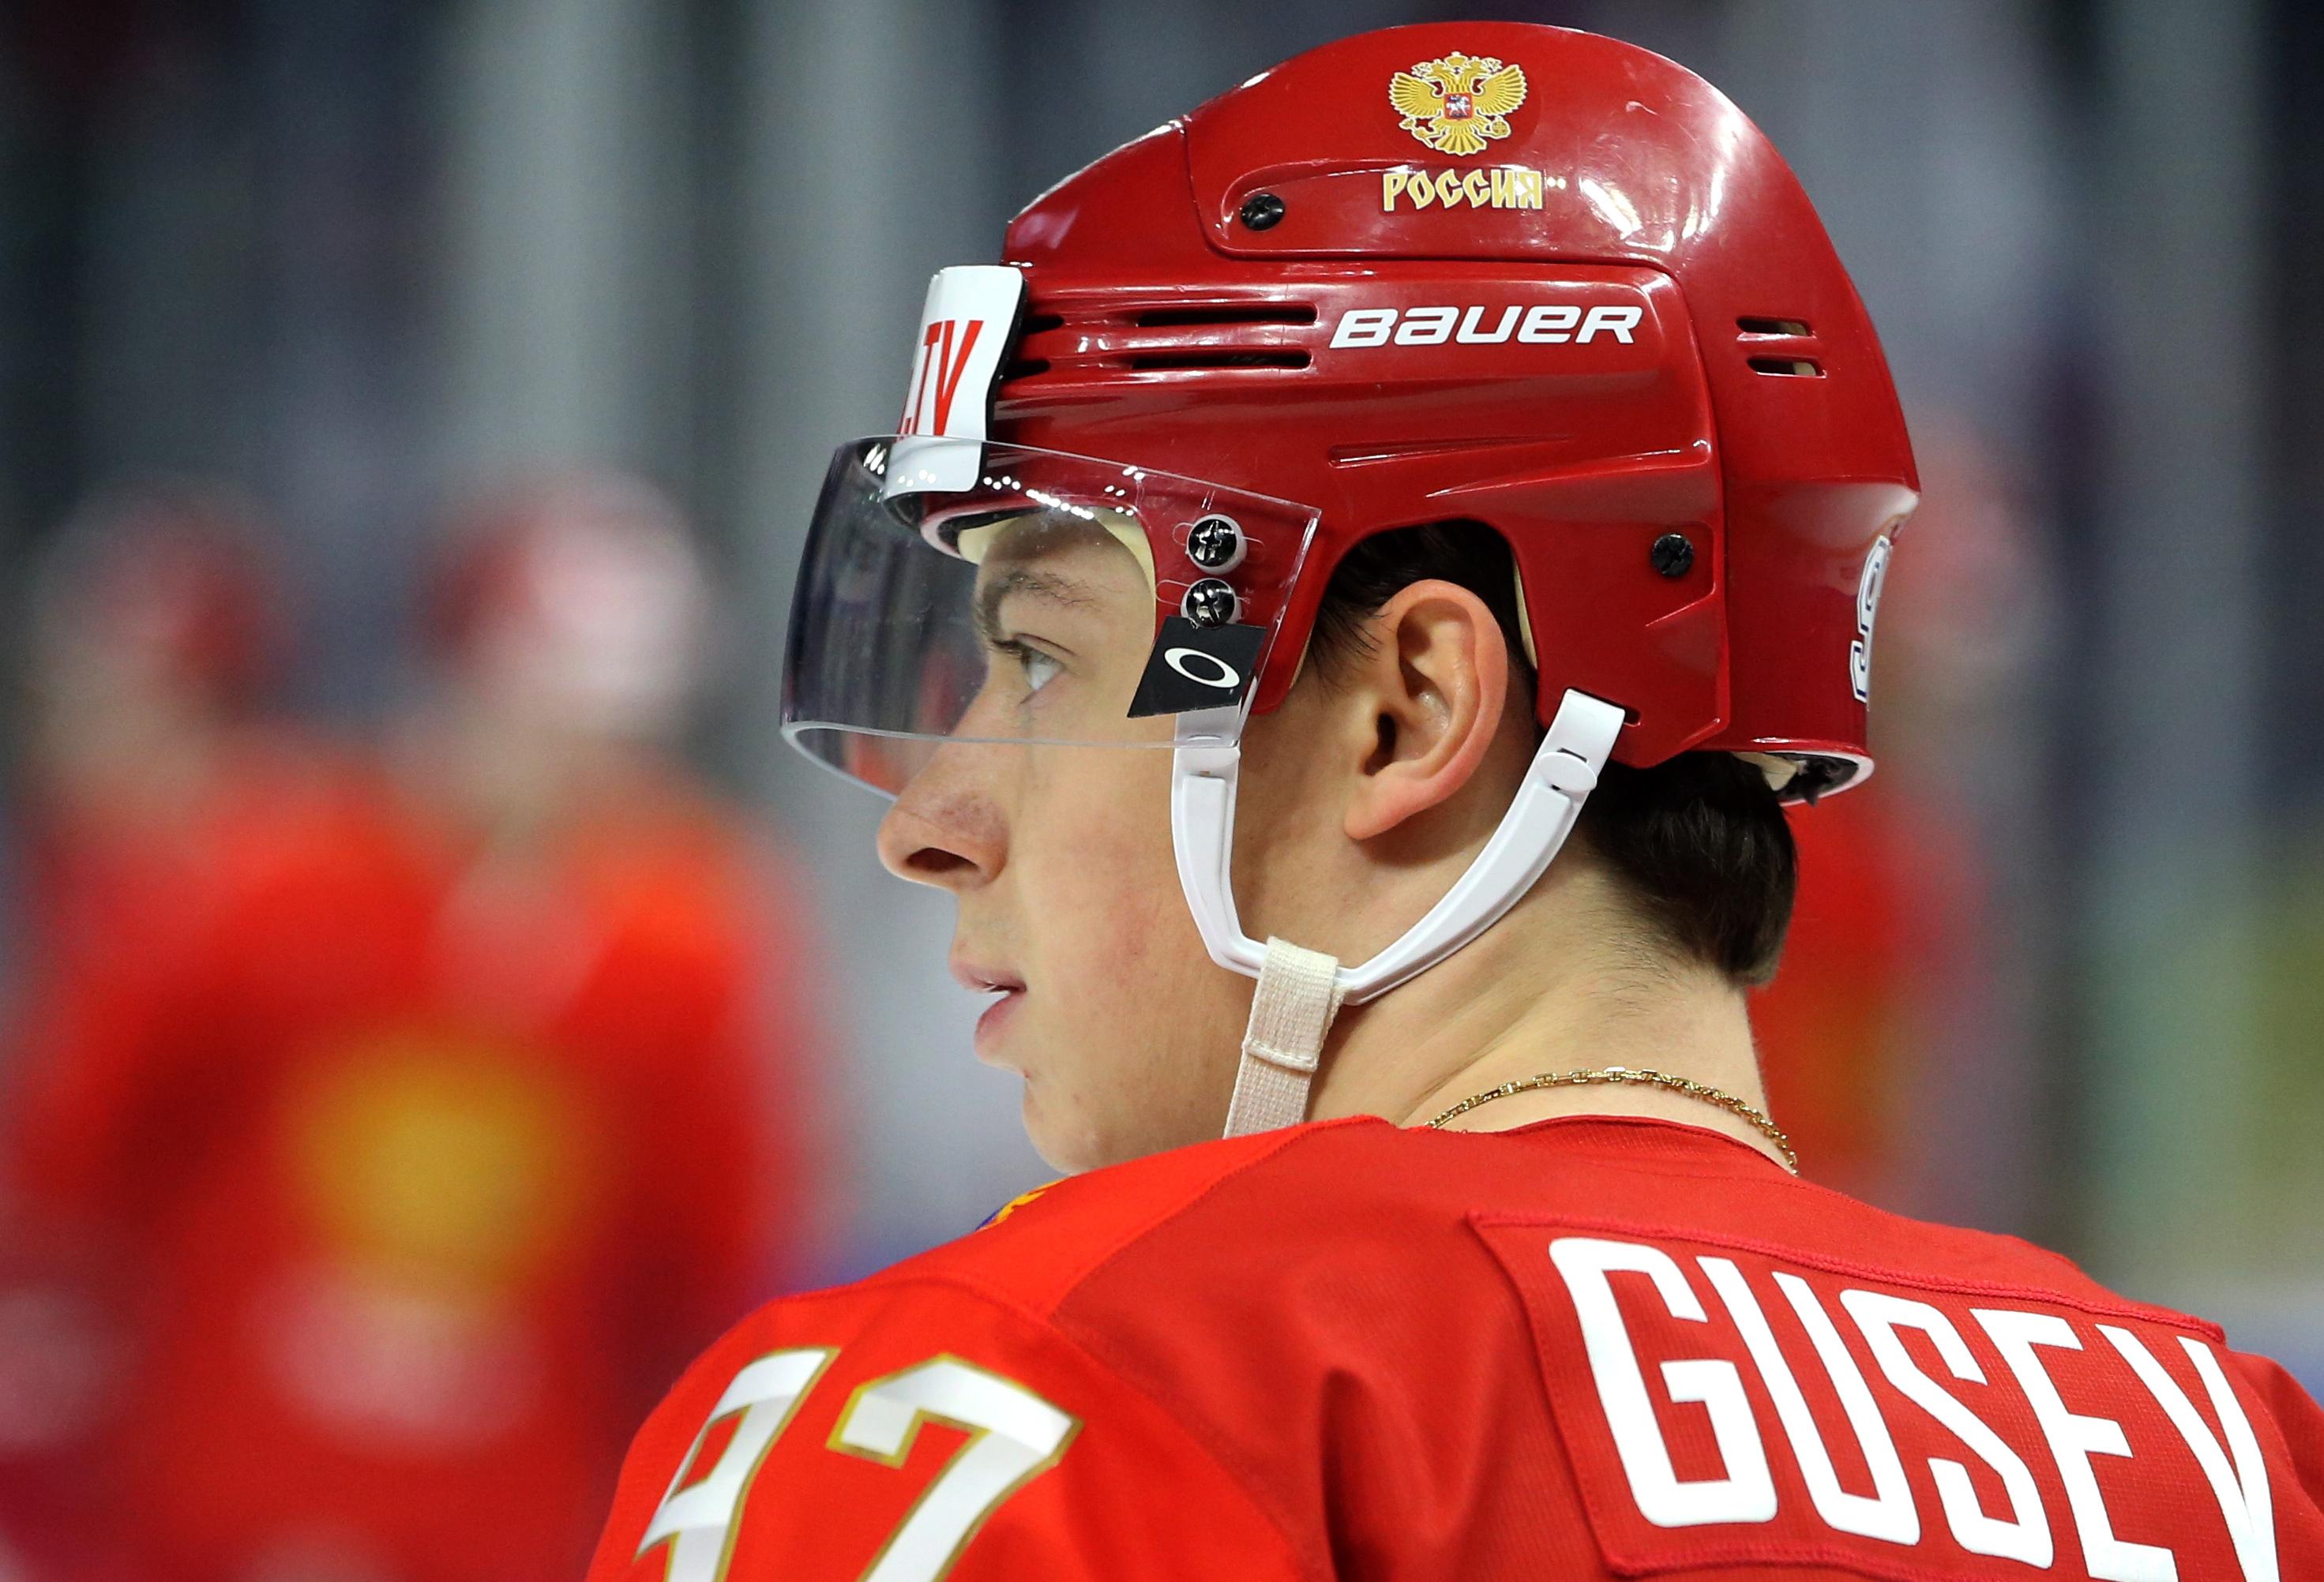 2018 IIHF Ice Hockey World Championship: Russia vs Switzerland